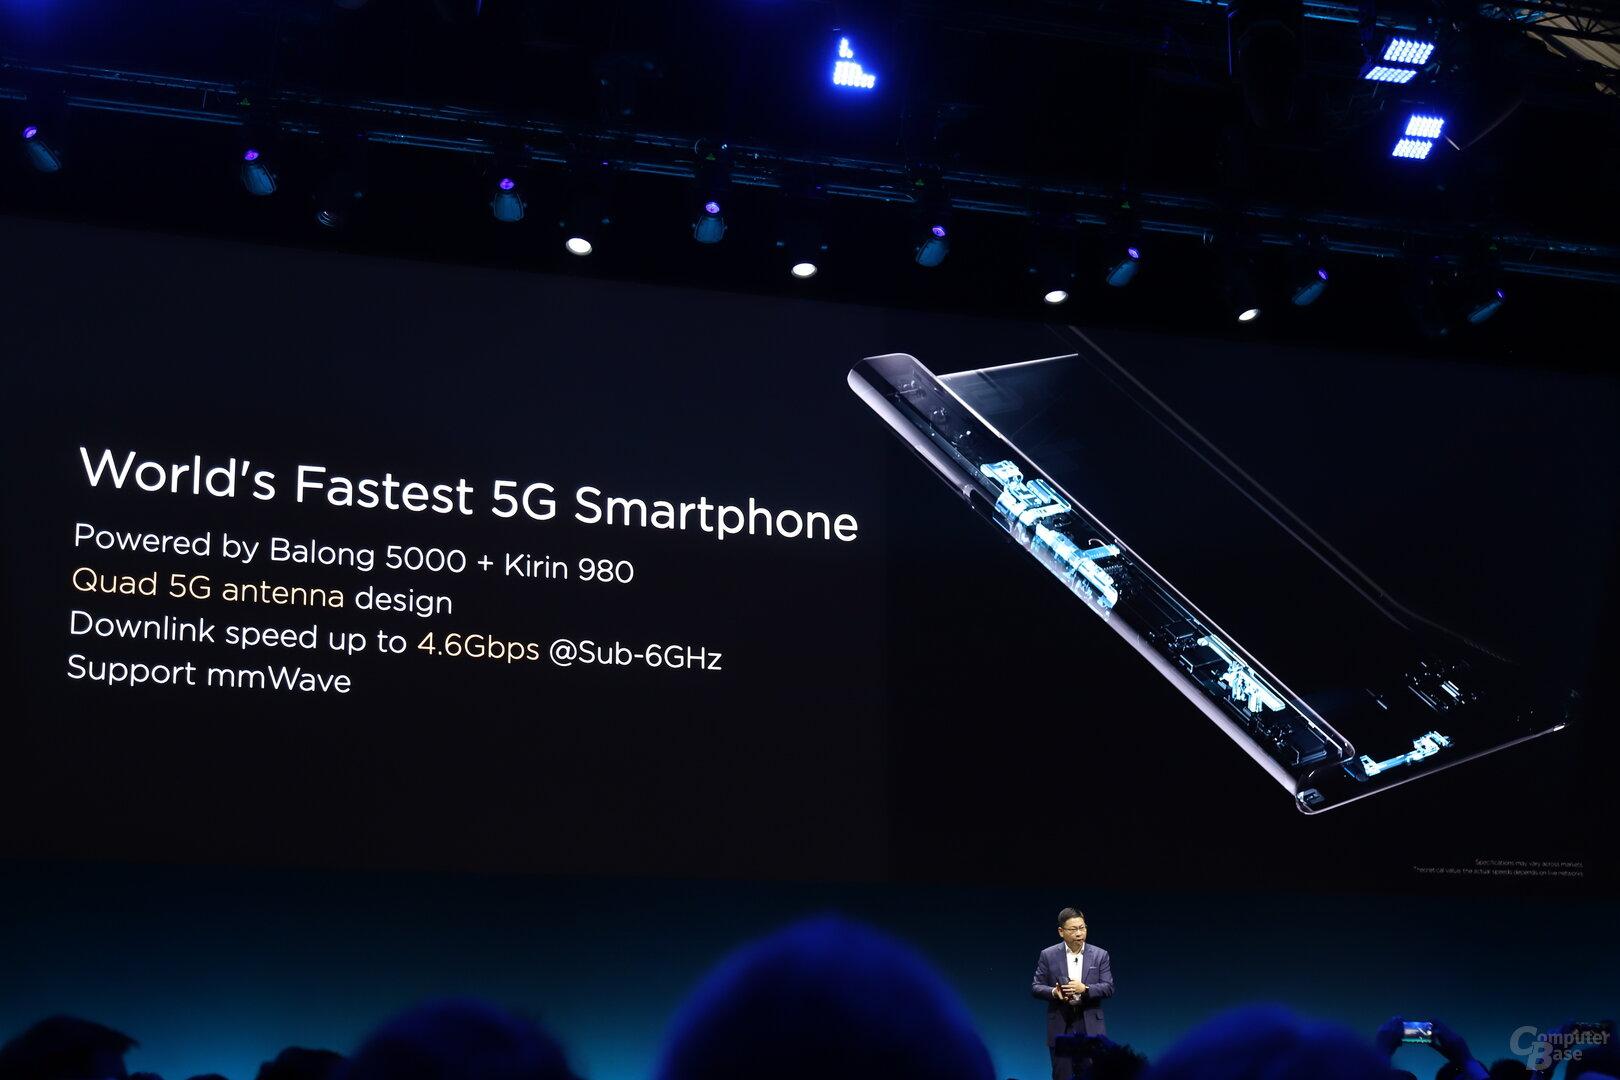 Das derzeit schnellste 5G-Smartphone